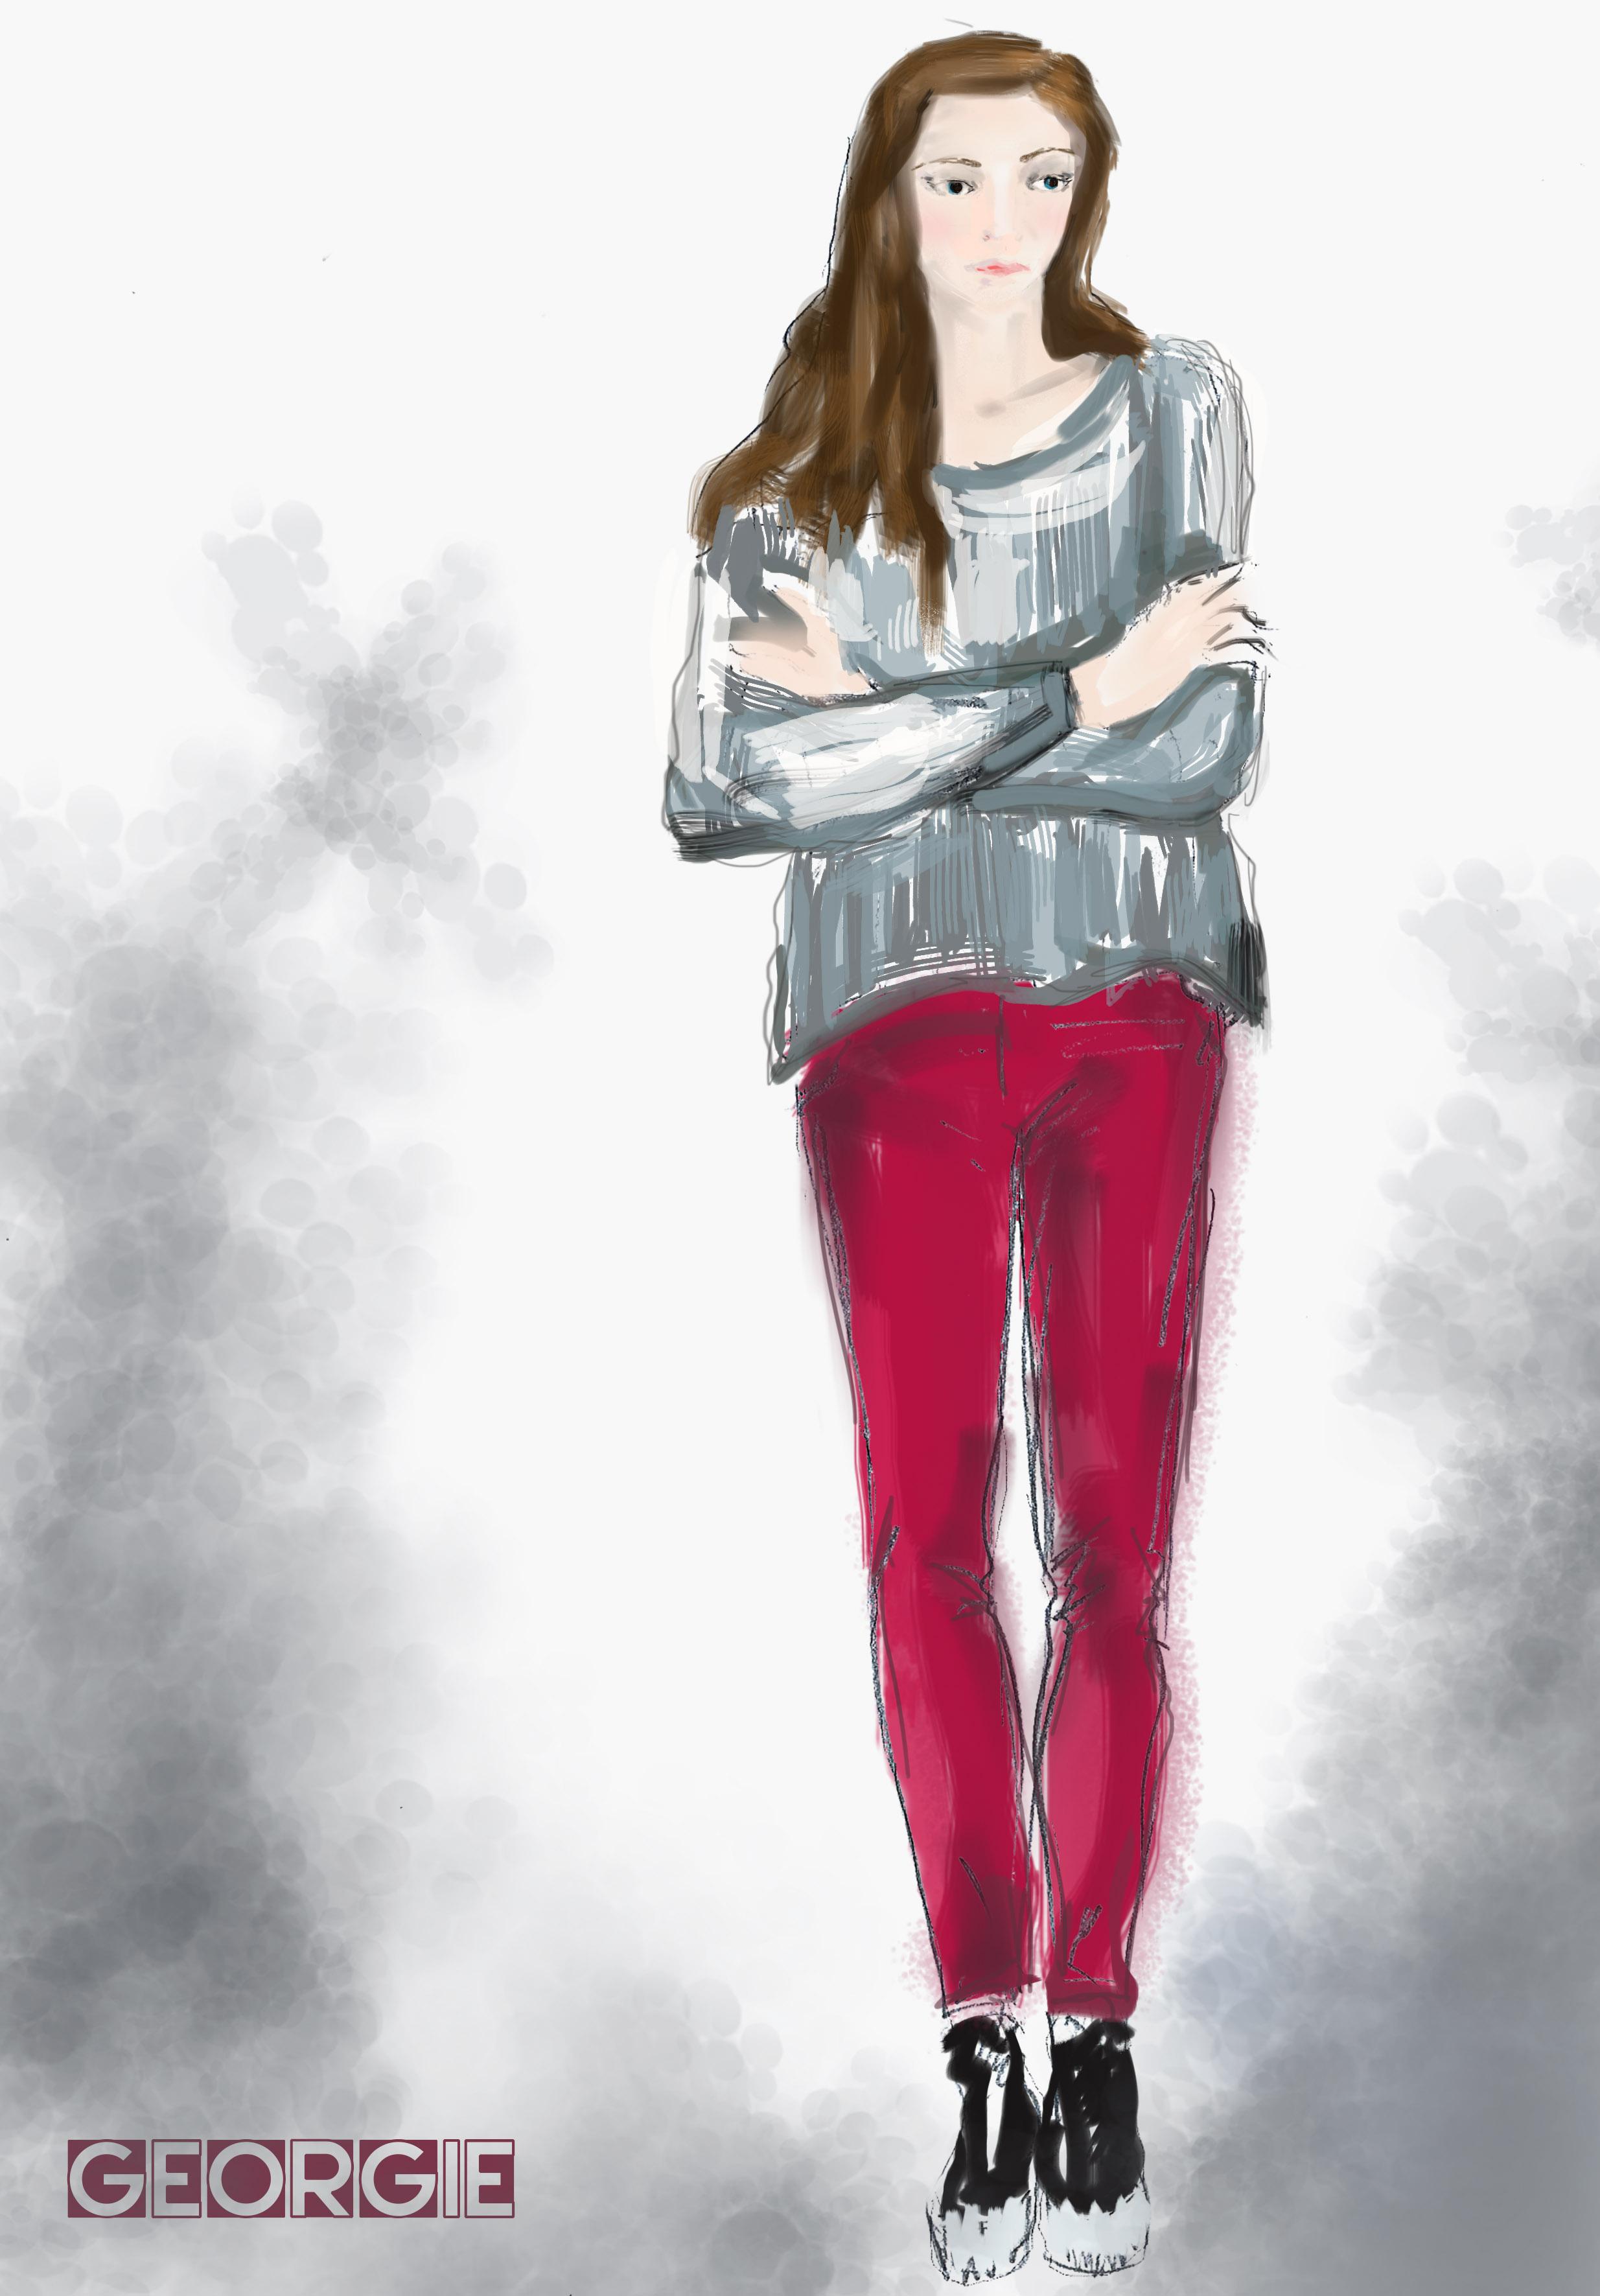 Georgie FINAL colour.jpg